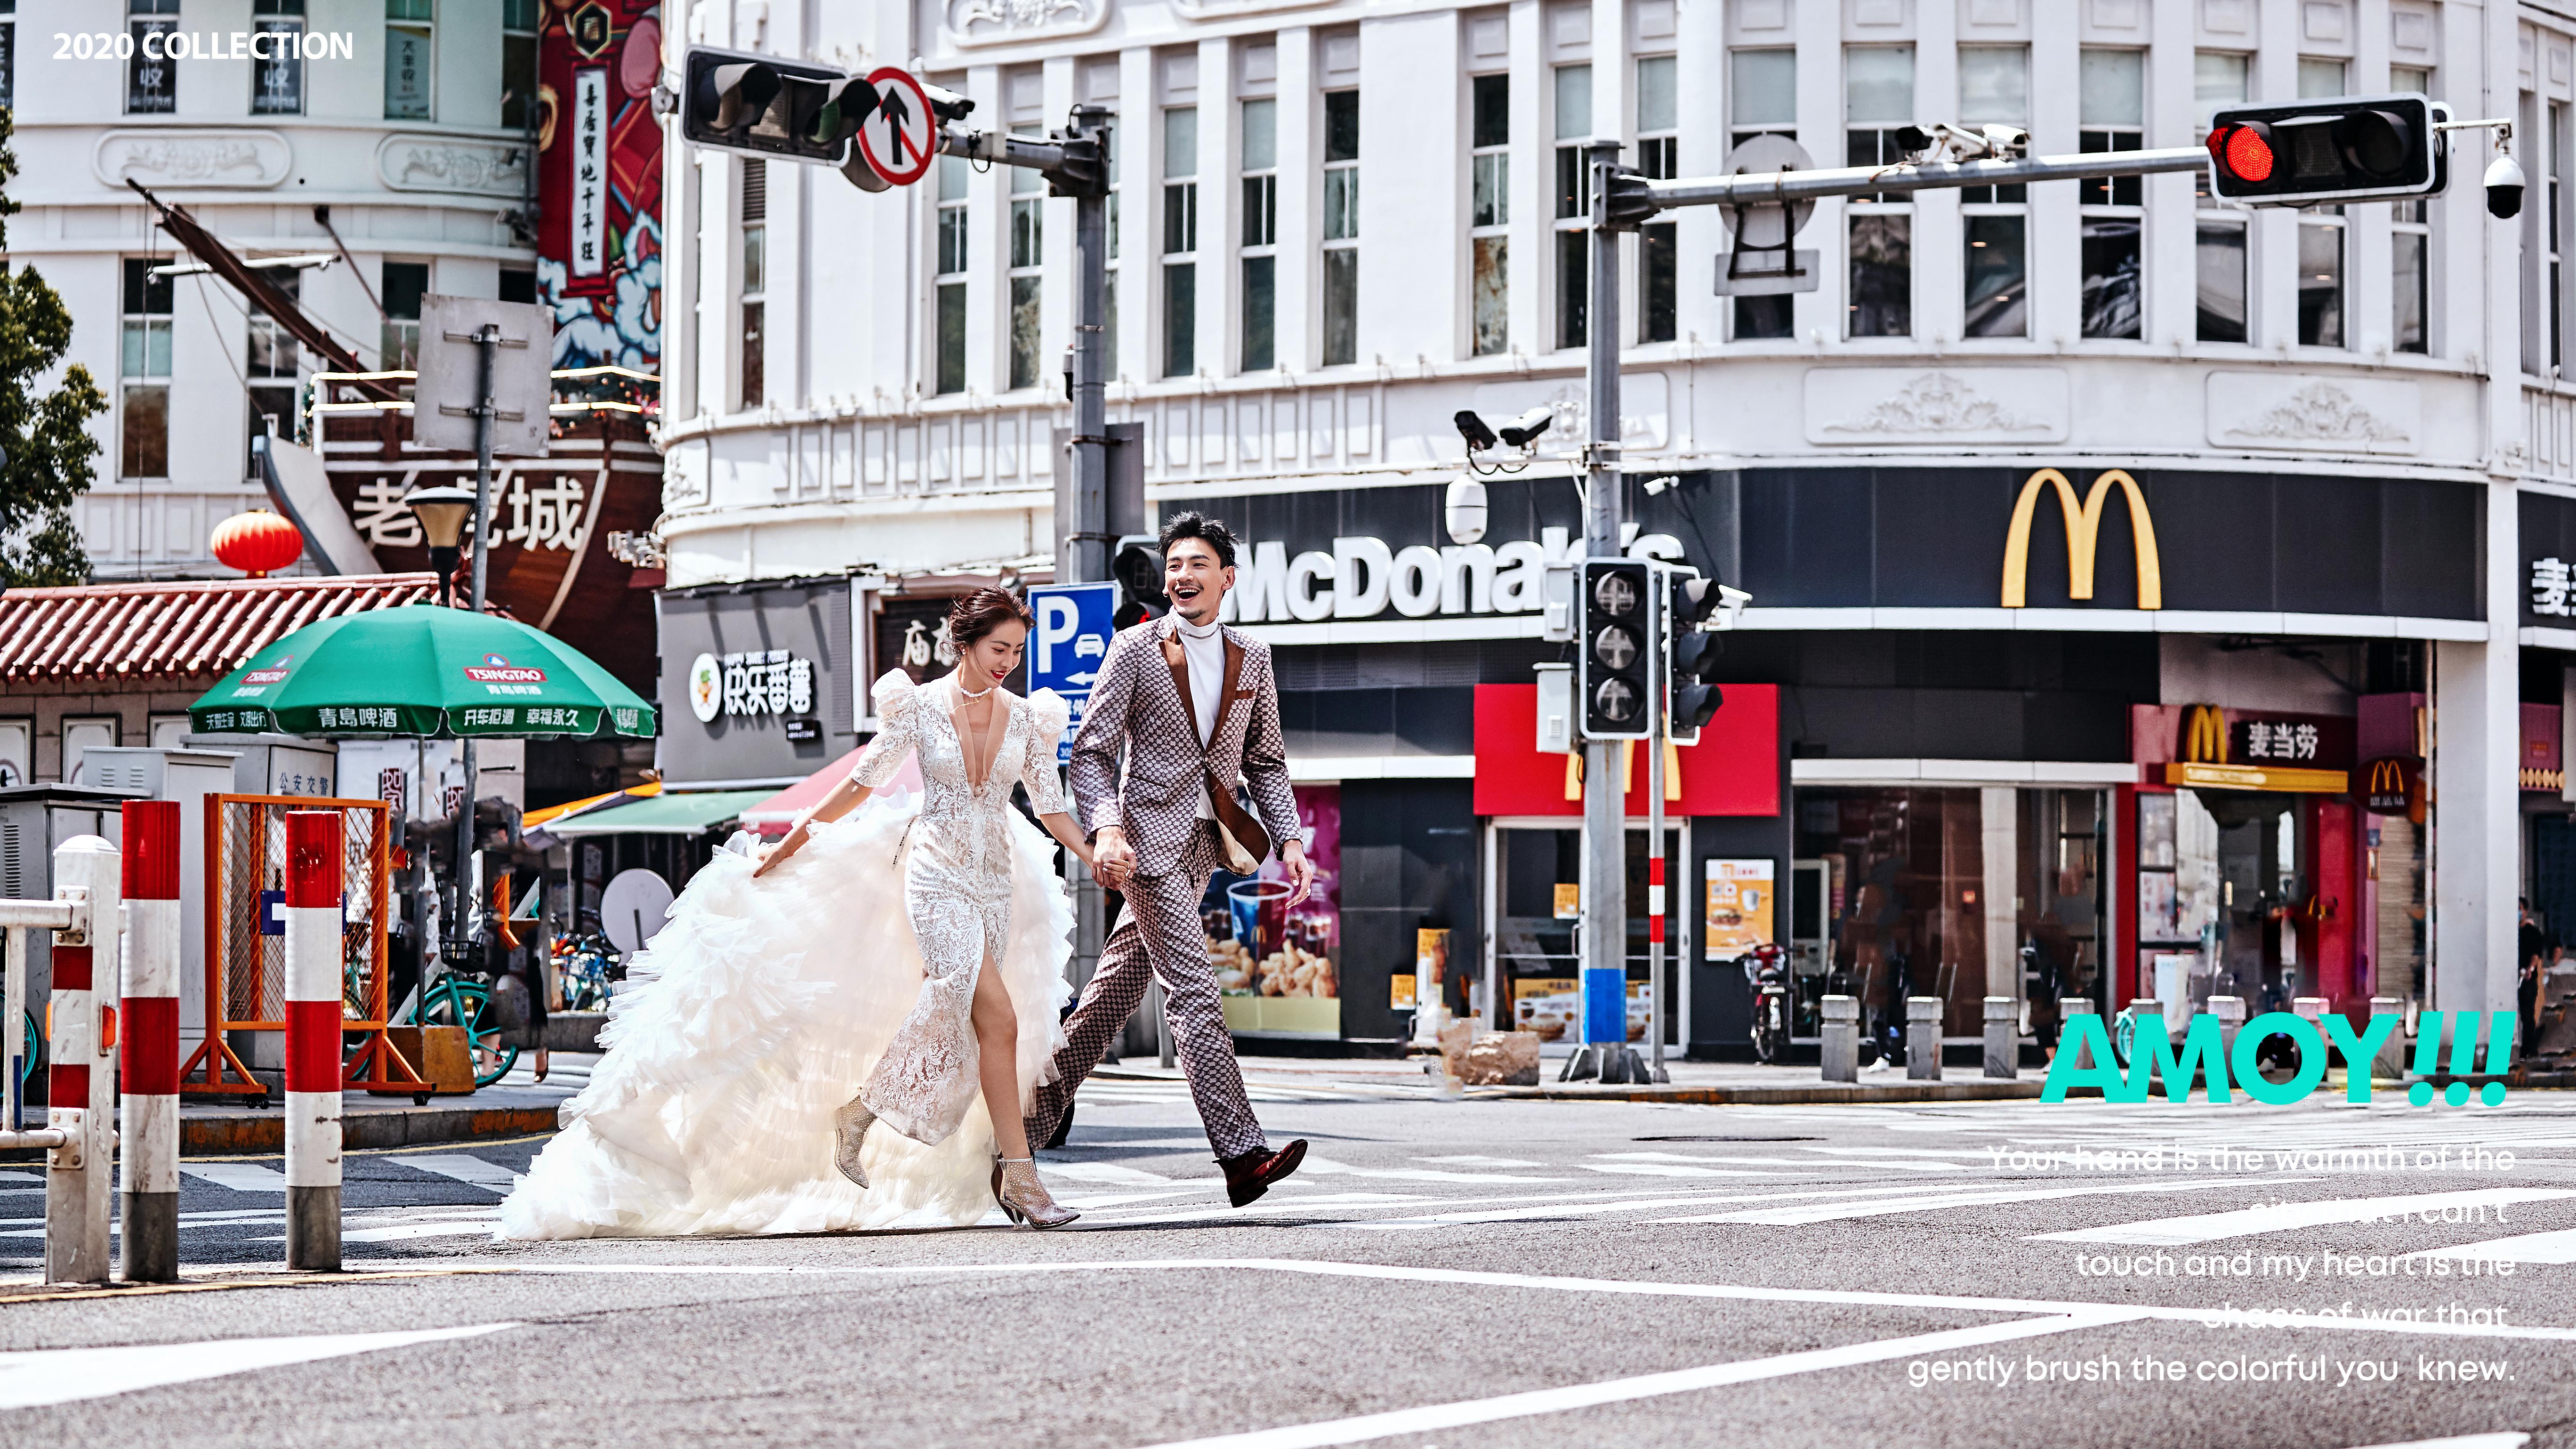 厦门拍婚纱照哪些外景好看 厦门外景婚纱摄影攻略